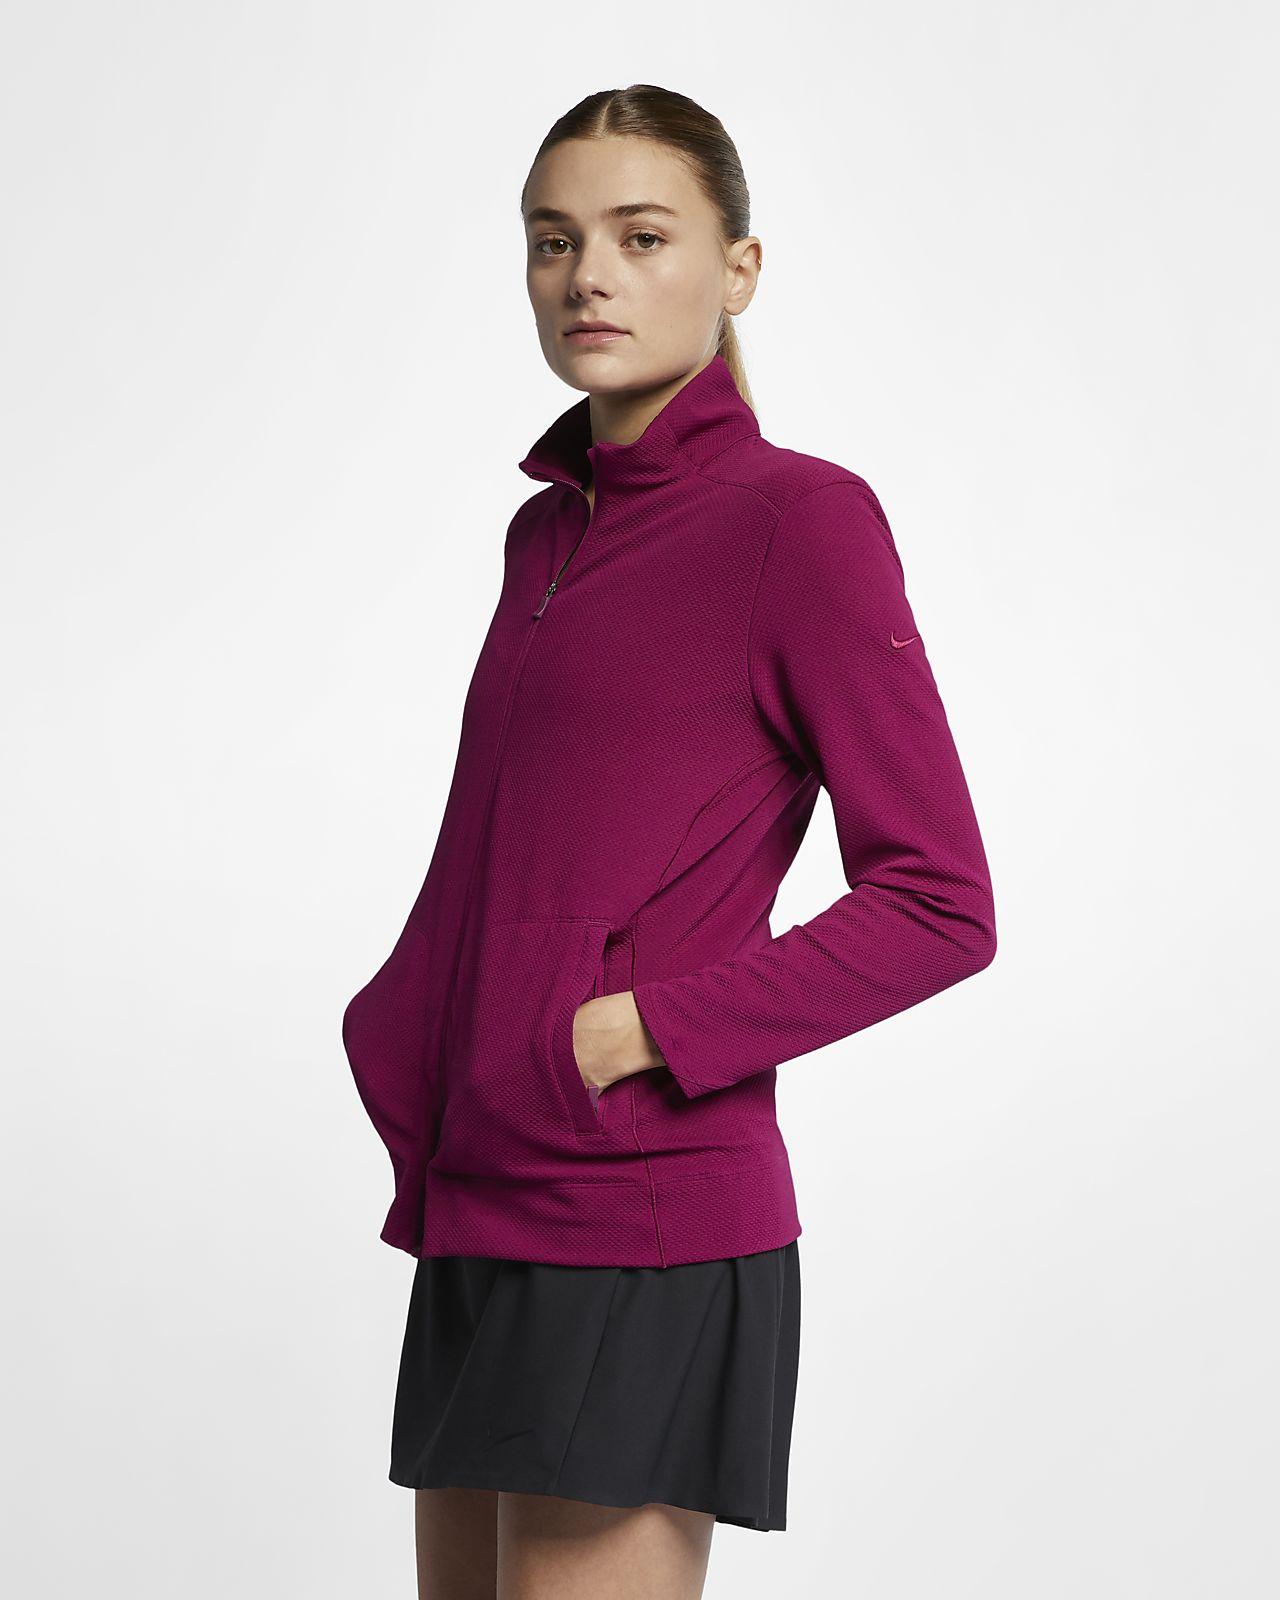 Nike Dri-FIT UV Women's Golf Jacket